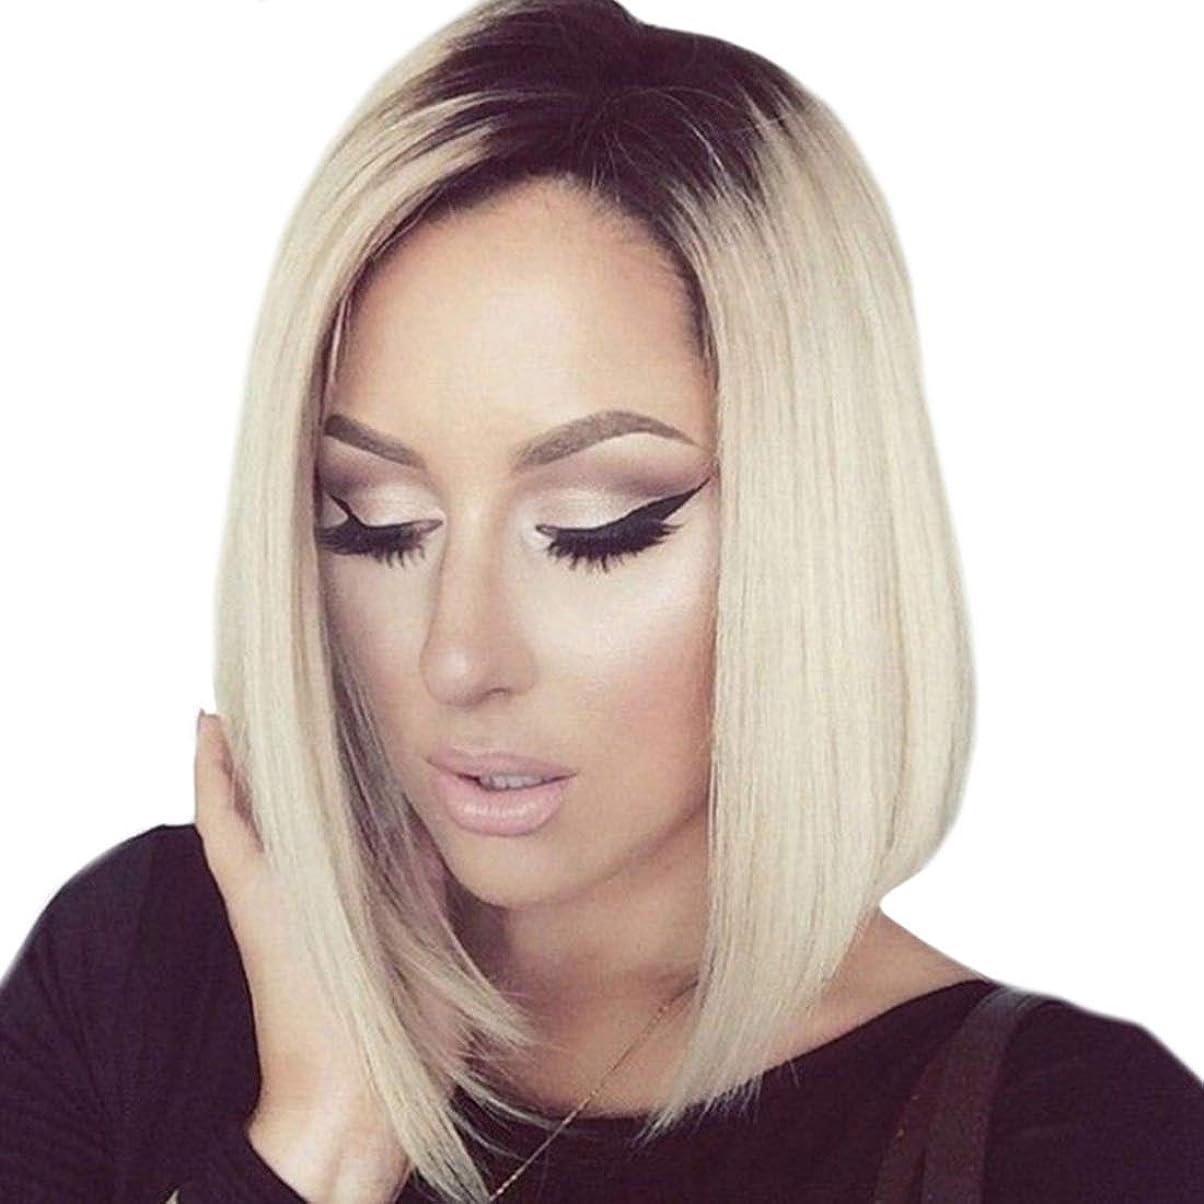 試みるフレアライナーSummerys 女性のためのミディアムロングストレートヘアショルダーグラデーションカラーウィッグヘッドギア